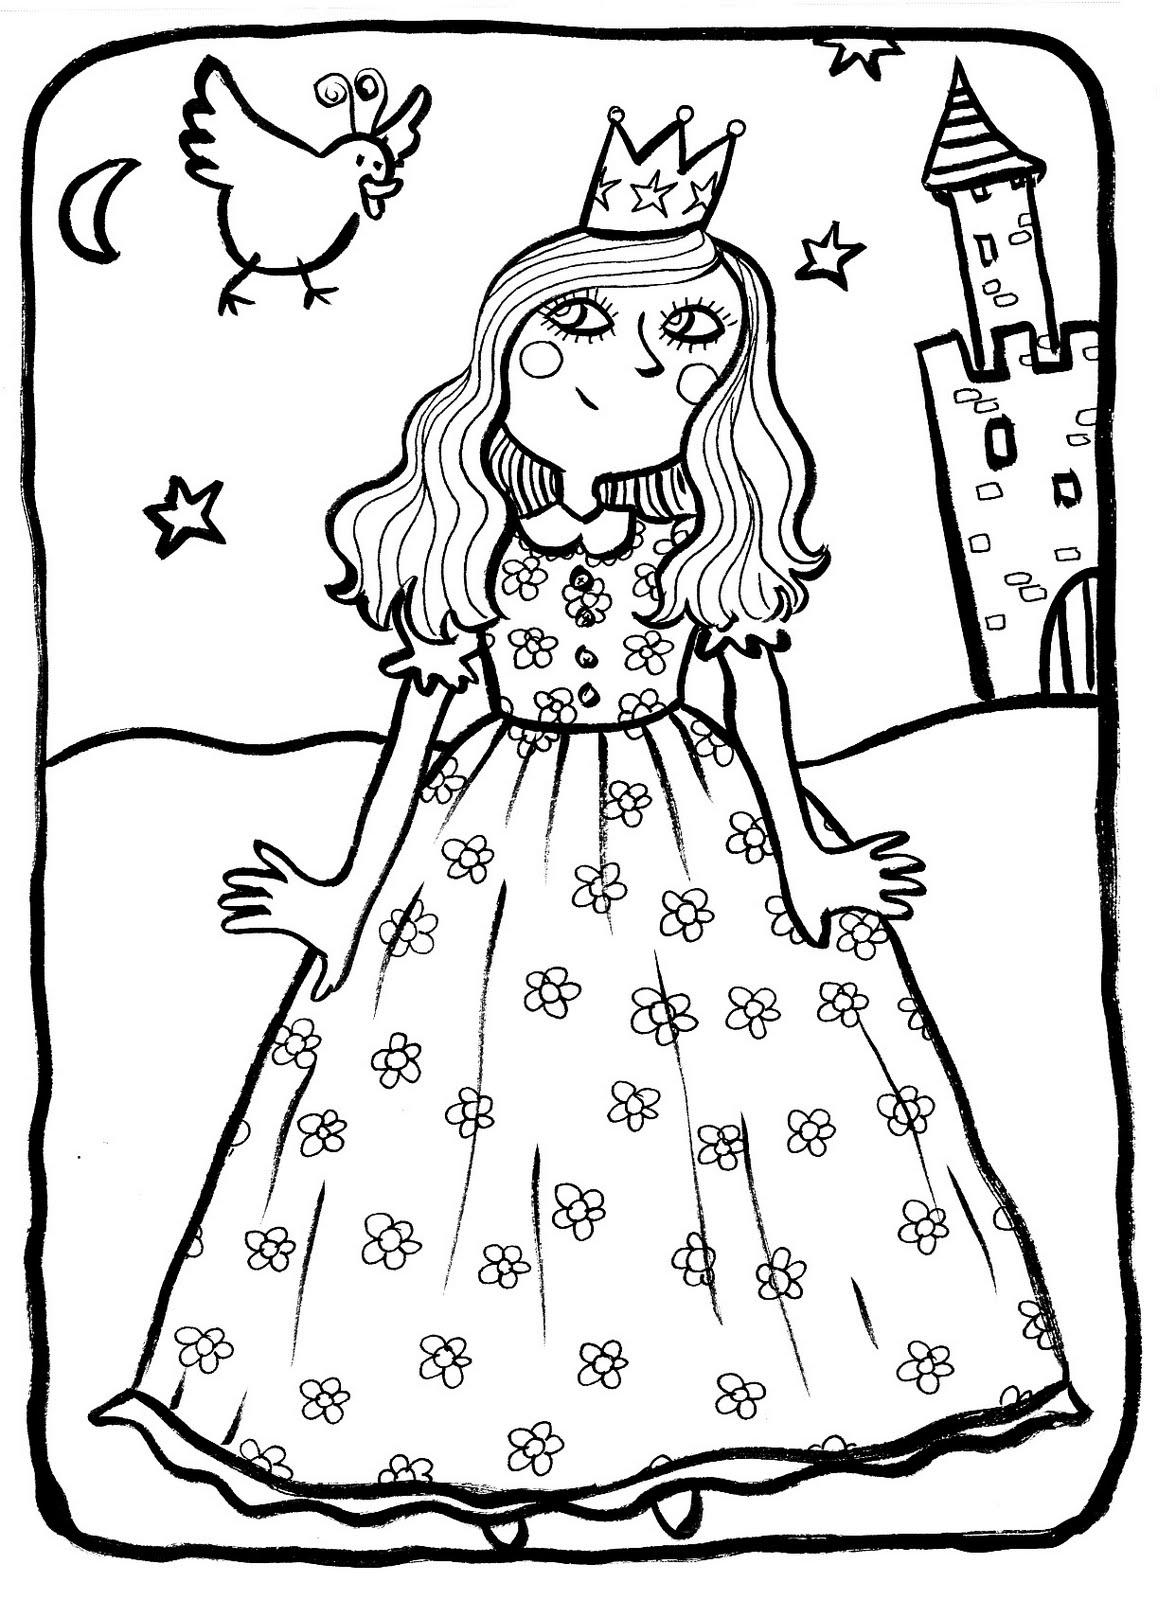 Princesse 3 - Coloriage Princesses - Coloriages Pour Enfants intérieur Coloriage De Tchoupi A Imprimer Gratuit